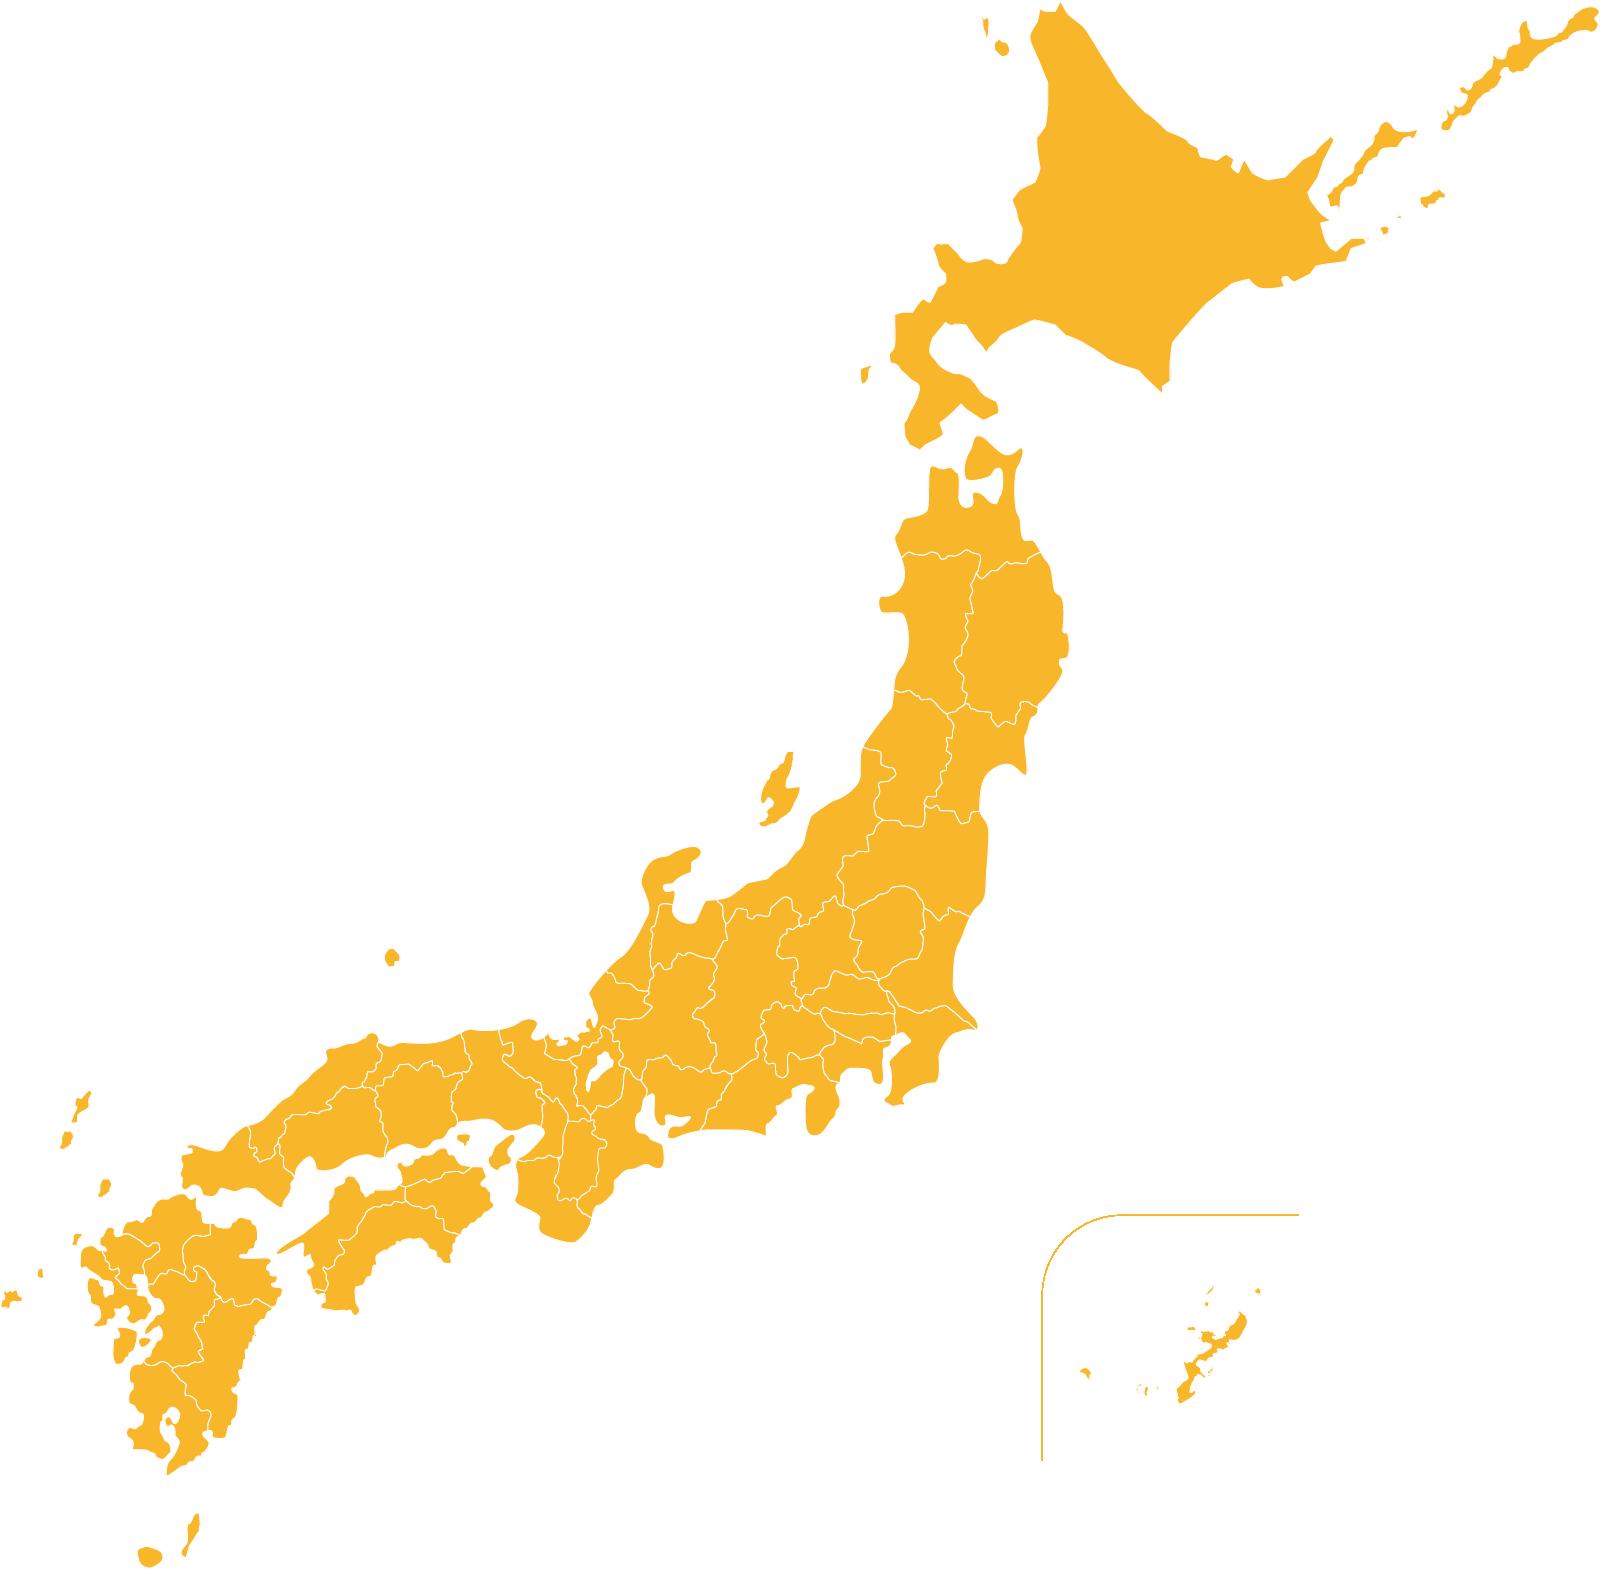 日本地図のイラスト(オレンジ色)